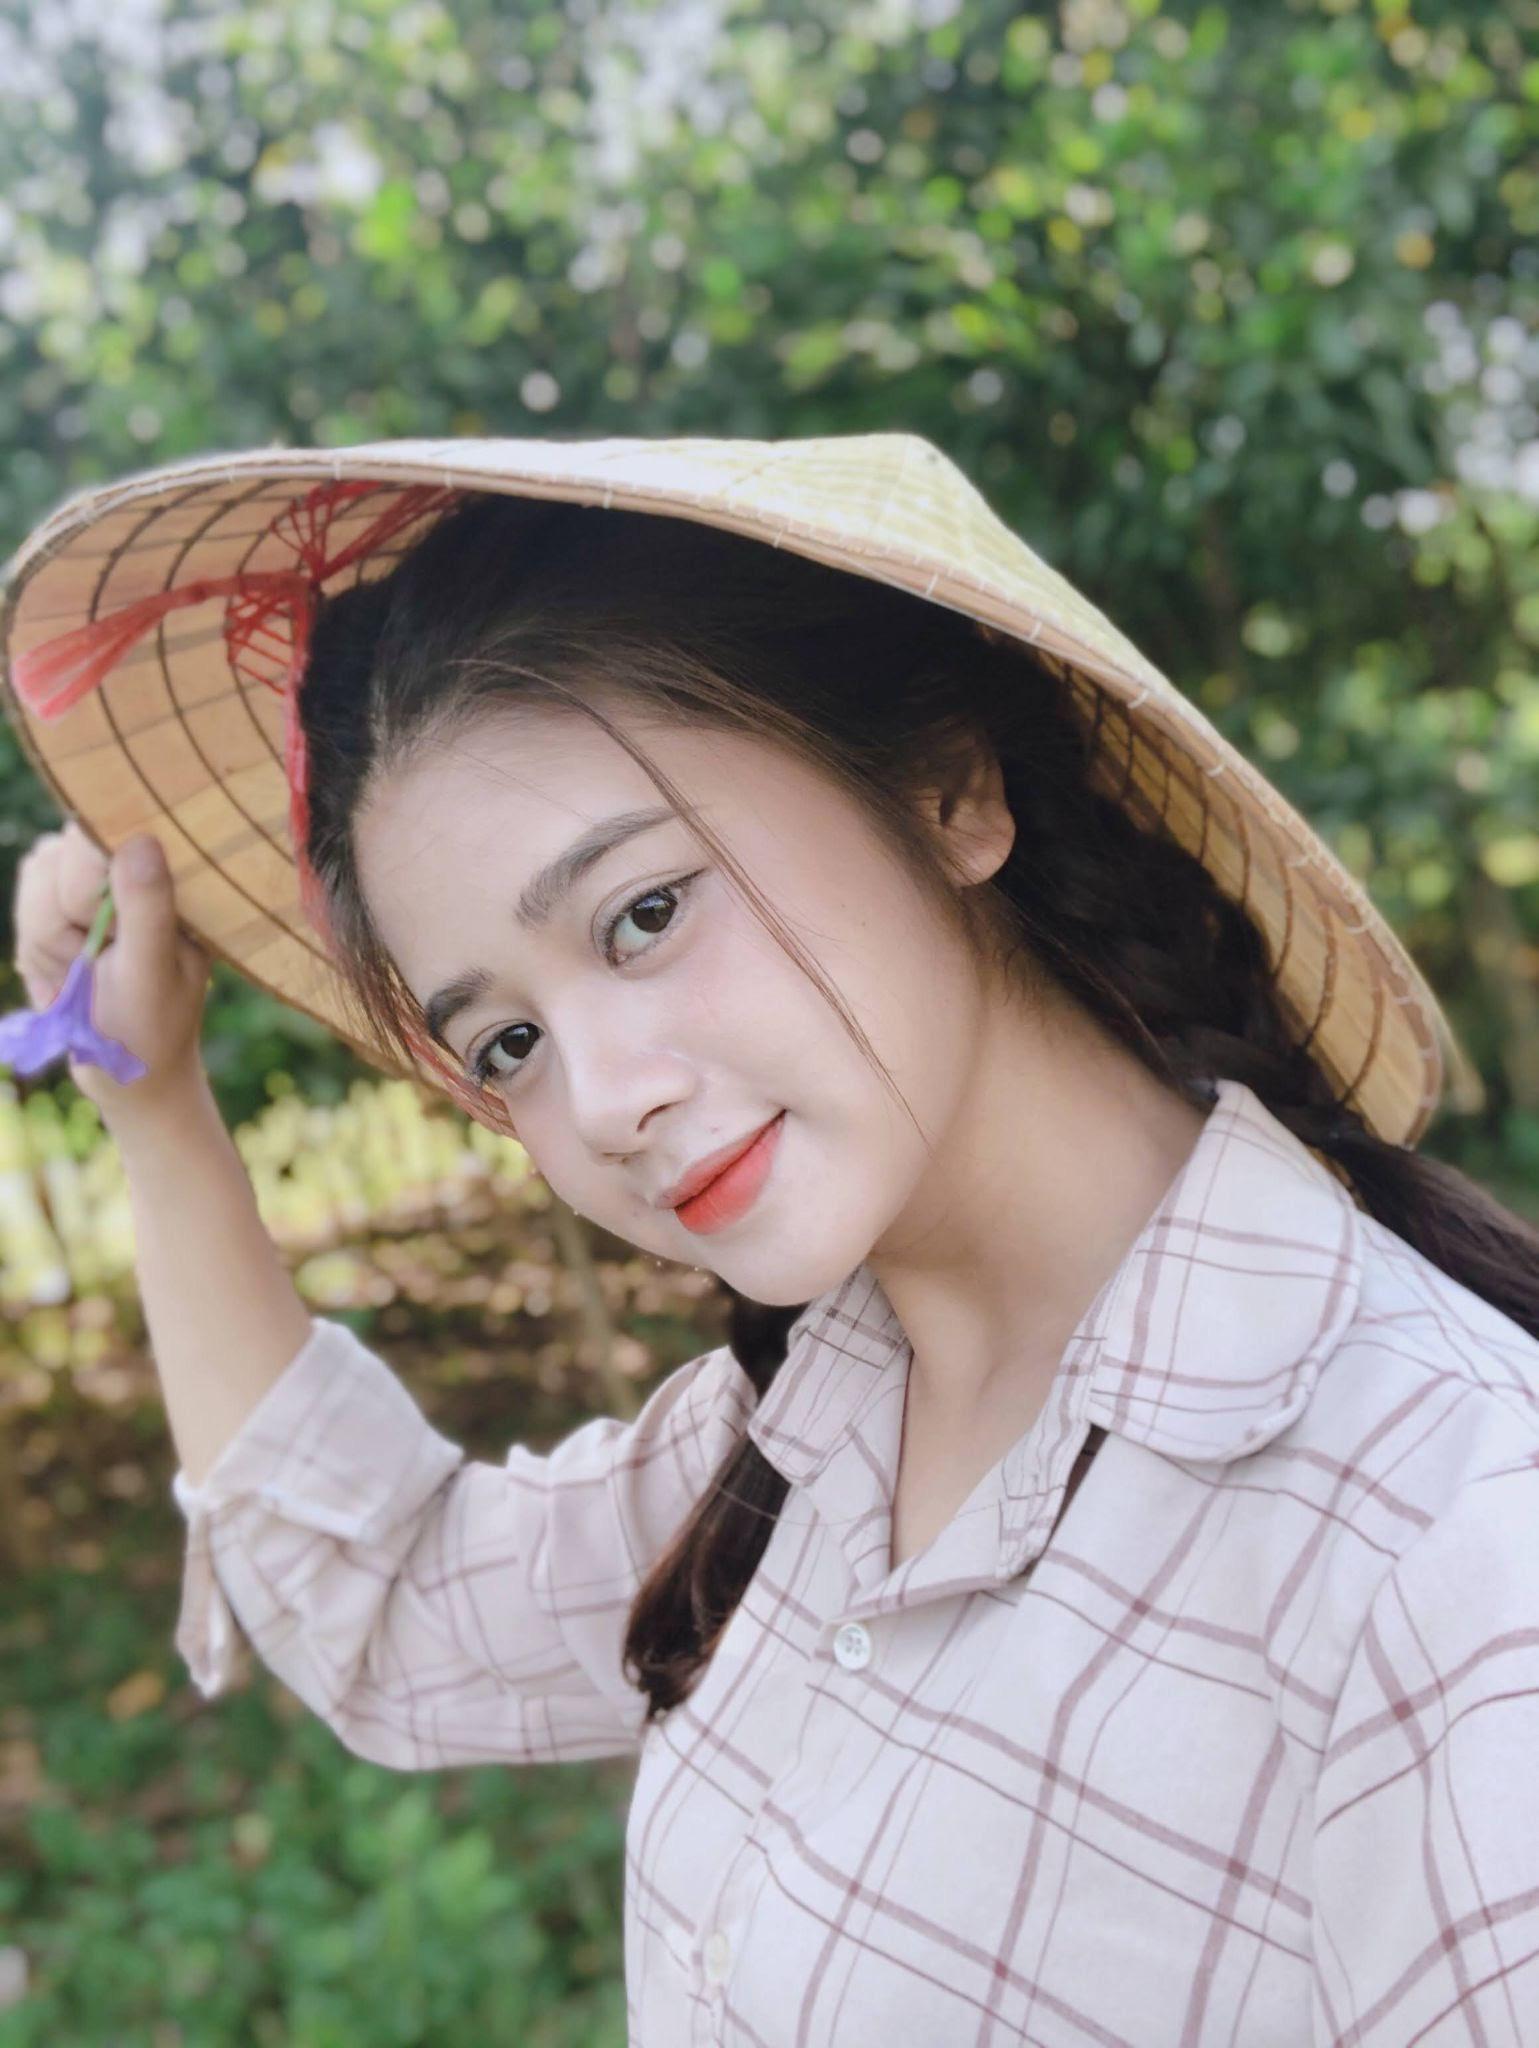 Chuyên Dương - Giao dịch viên ngân hàng cua gắt làm diễn viên, giấu bố mẹ chuyện hậu trường bị đâm xe, bị tát thật - Ảnh 2.